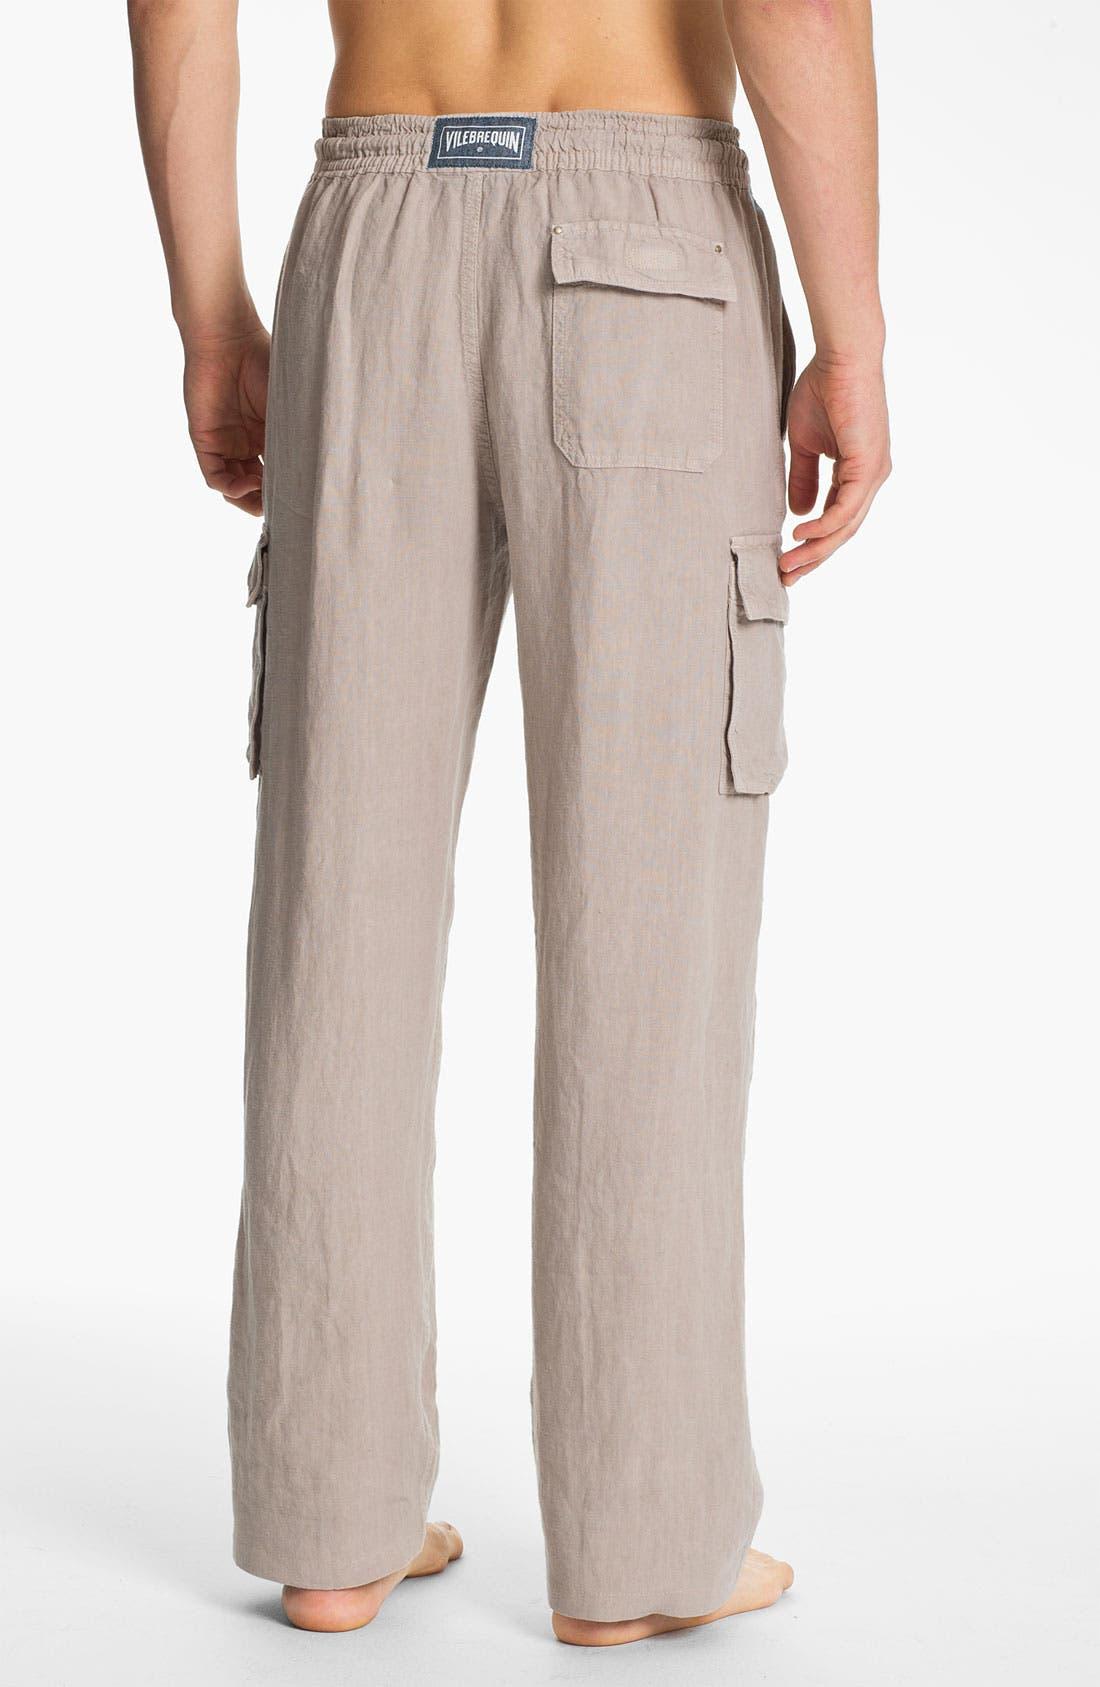 Alternate Image 2  - Vilebrequin 'Ponant' Linen Cargo Pants